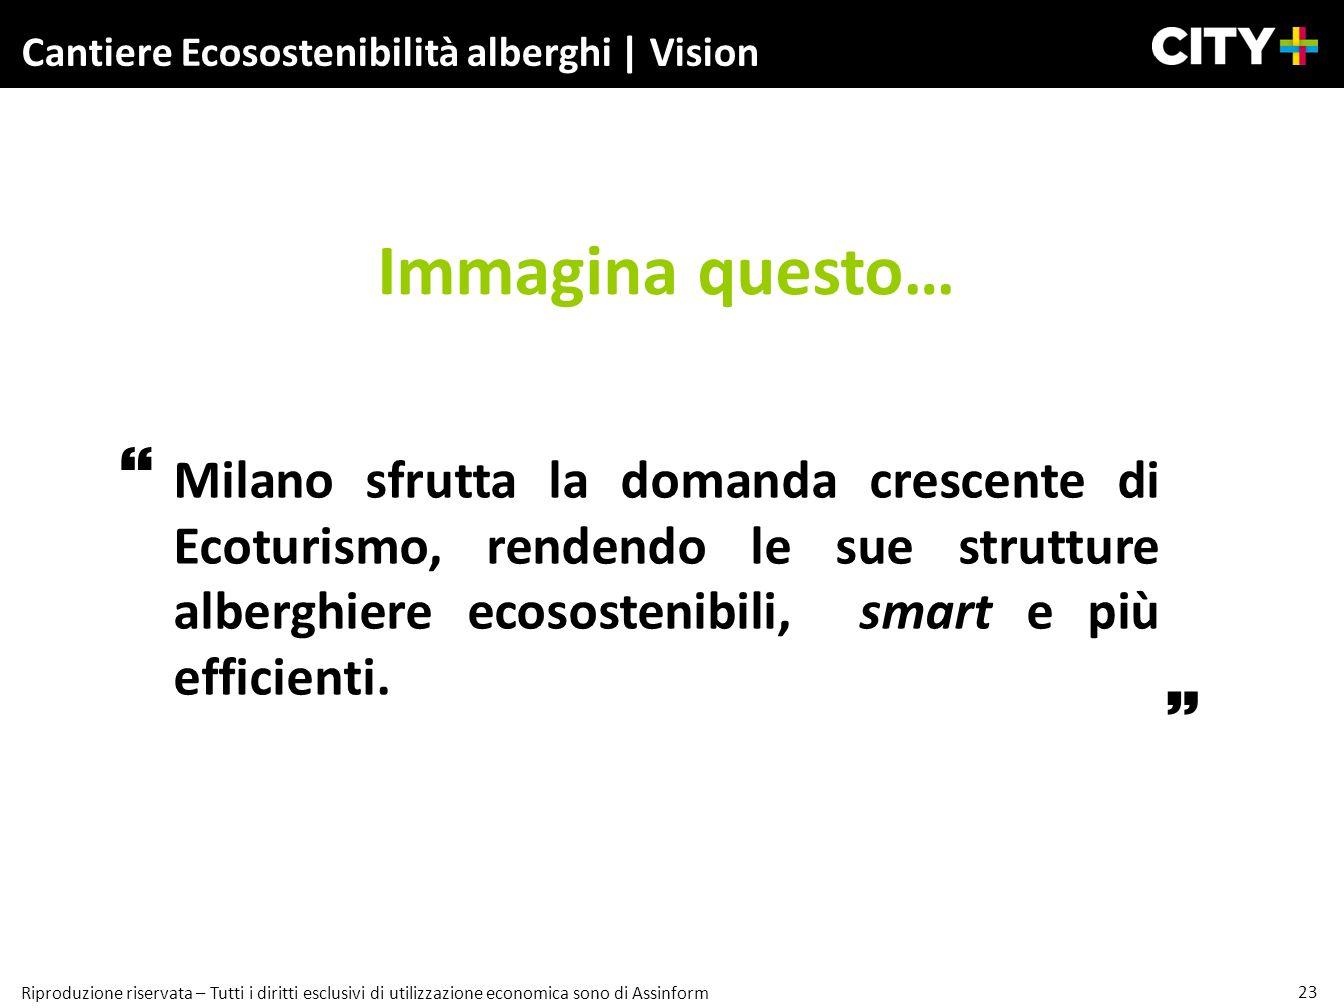 Cantiere Ecosostenibilità alberghi | Vision